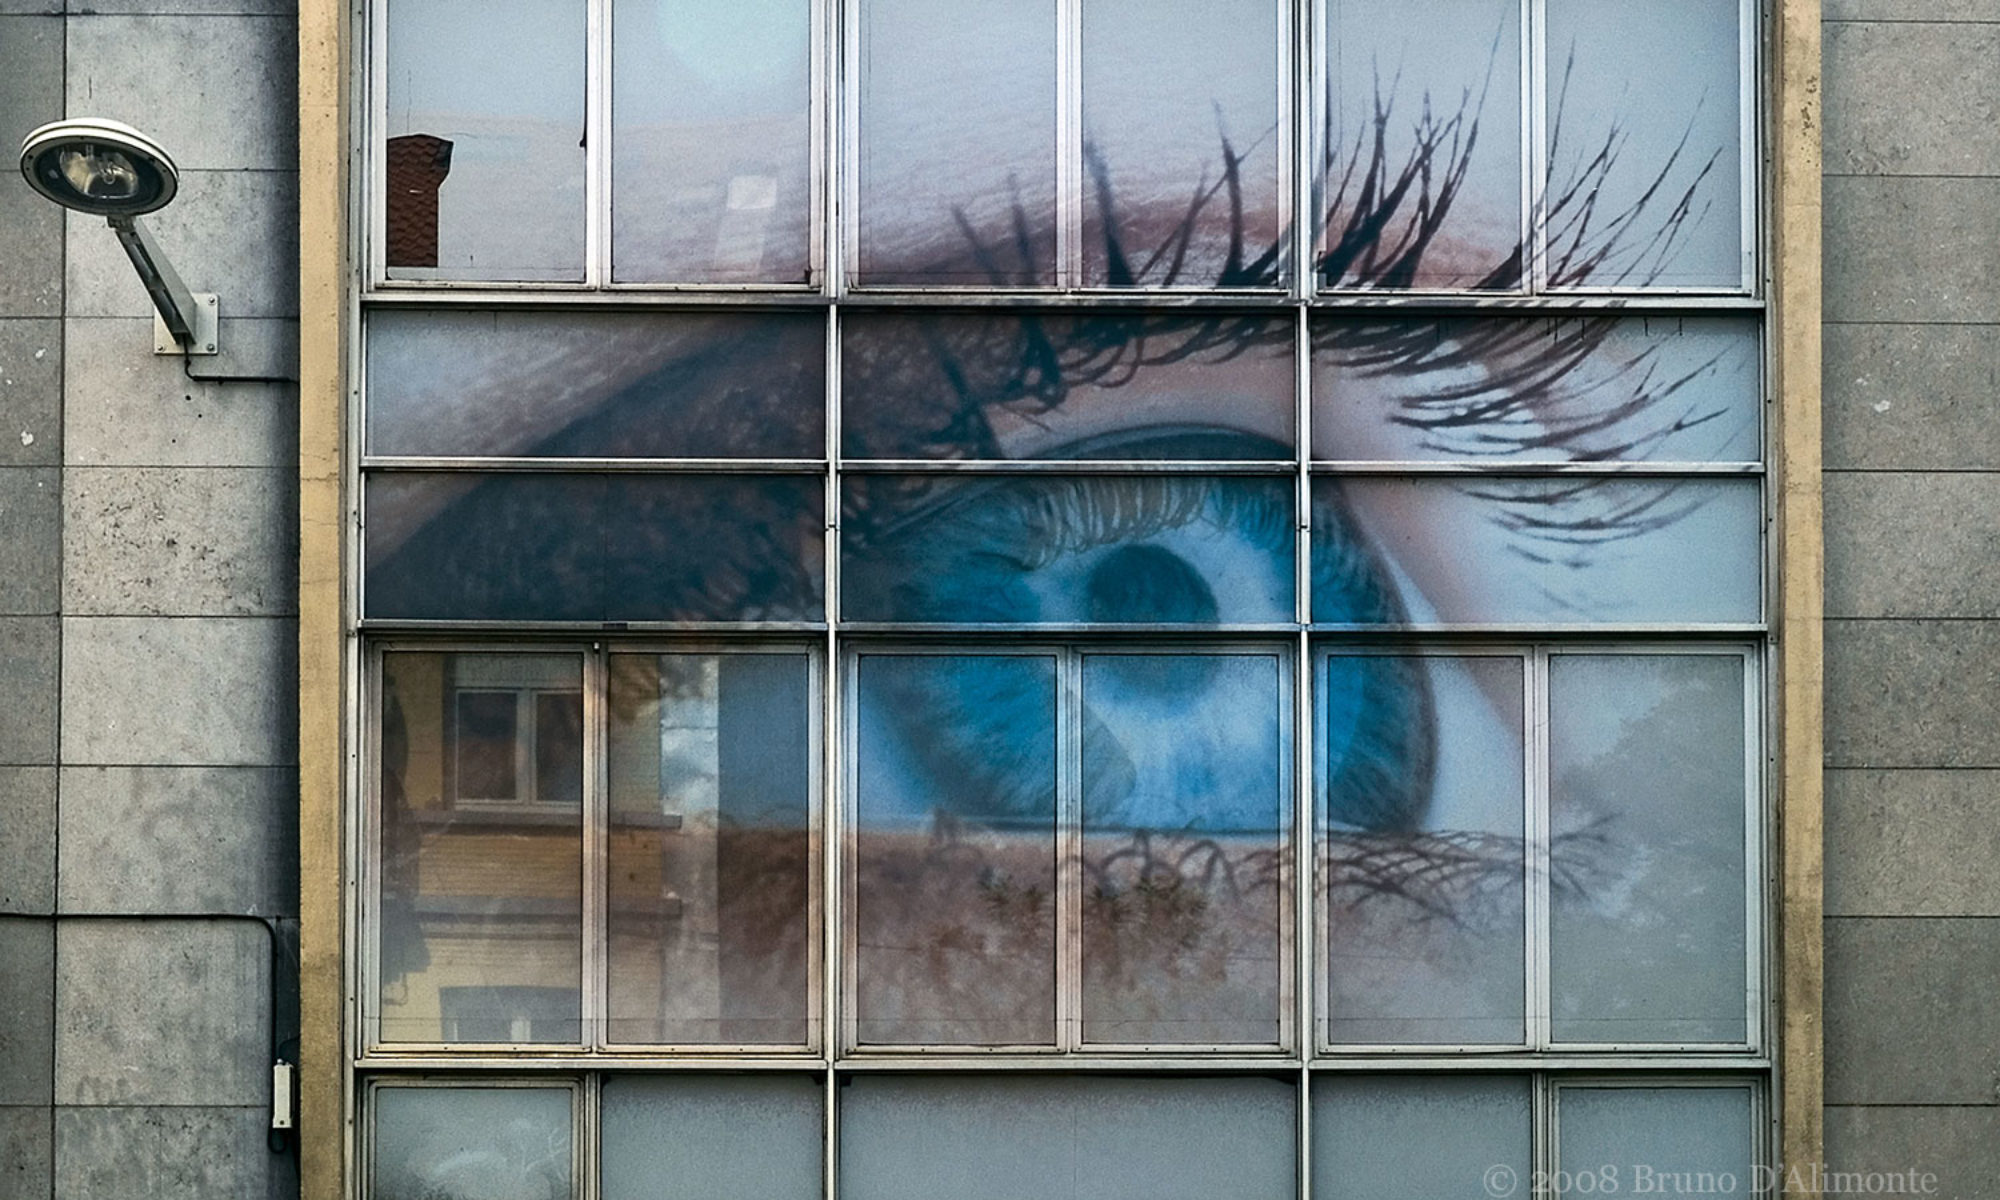 Brussels'Eyes